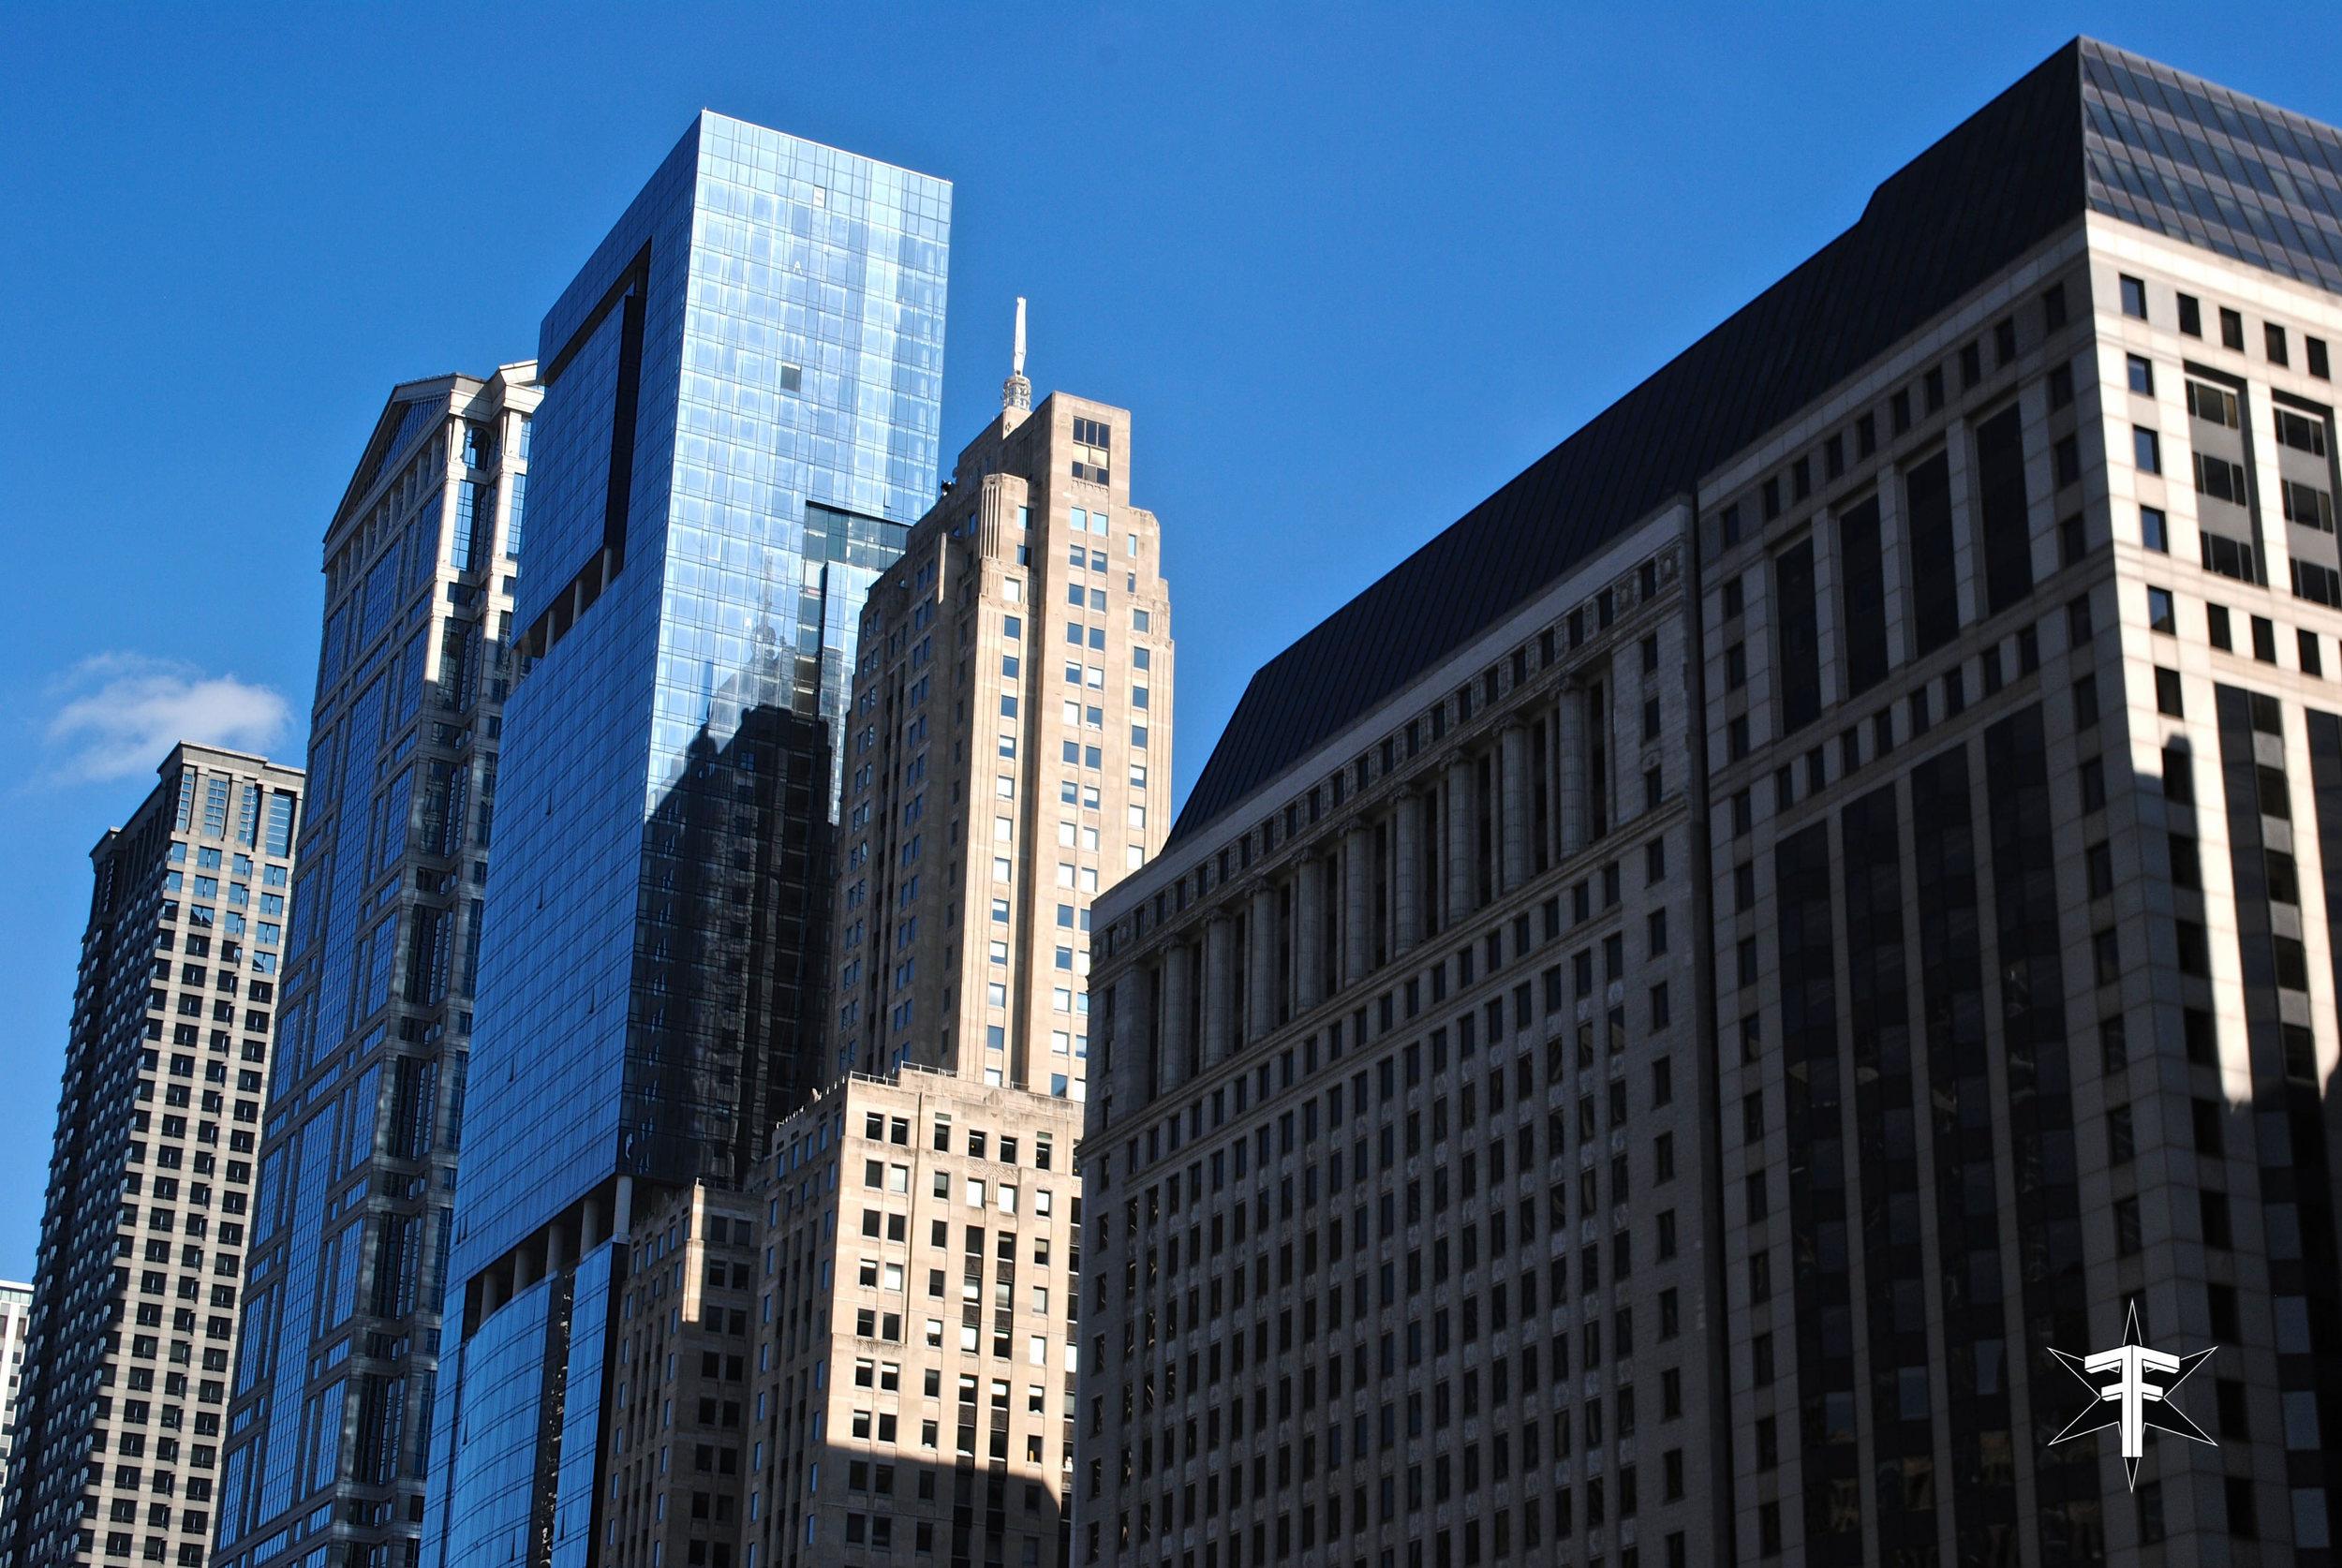 chicago architecture eric formato photography design arquitectura architettura buildings skyscraper skyscrapers-21.jpg